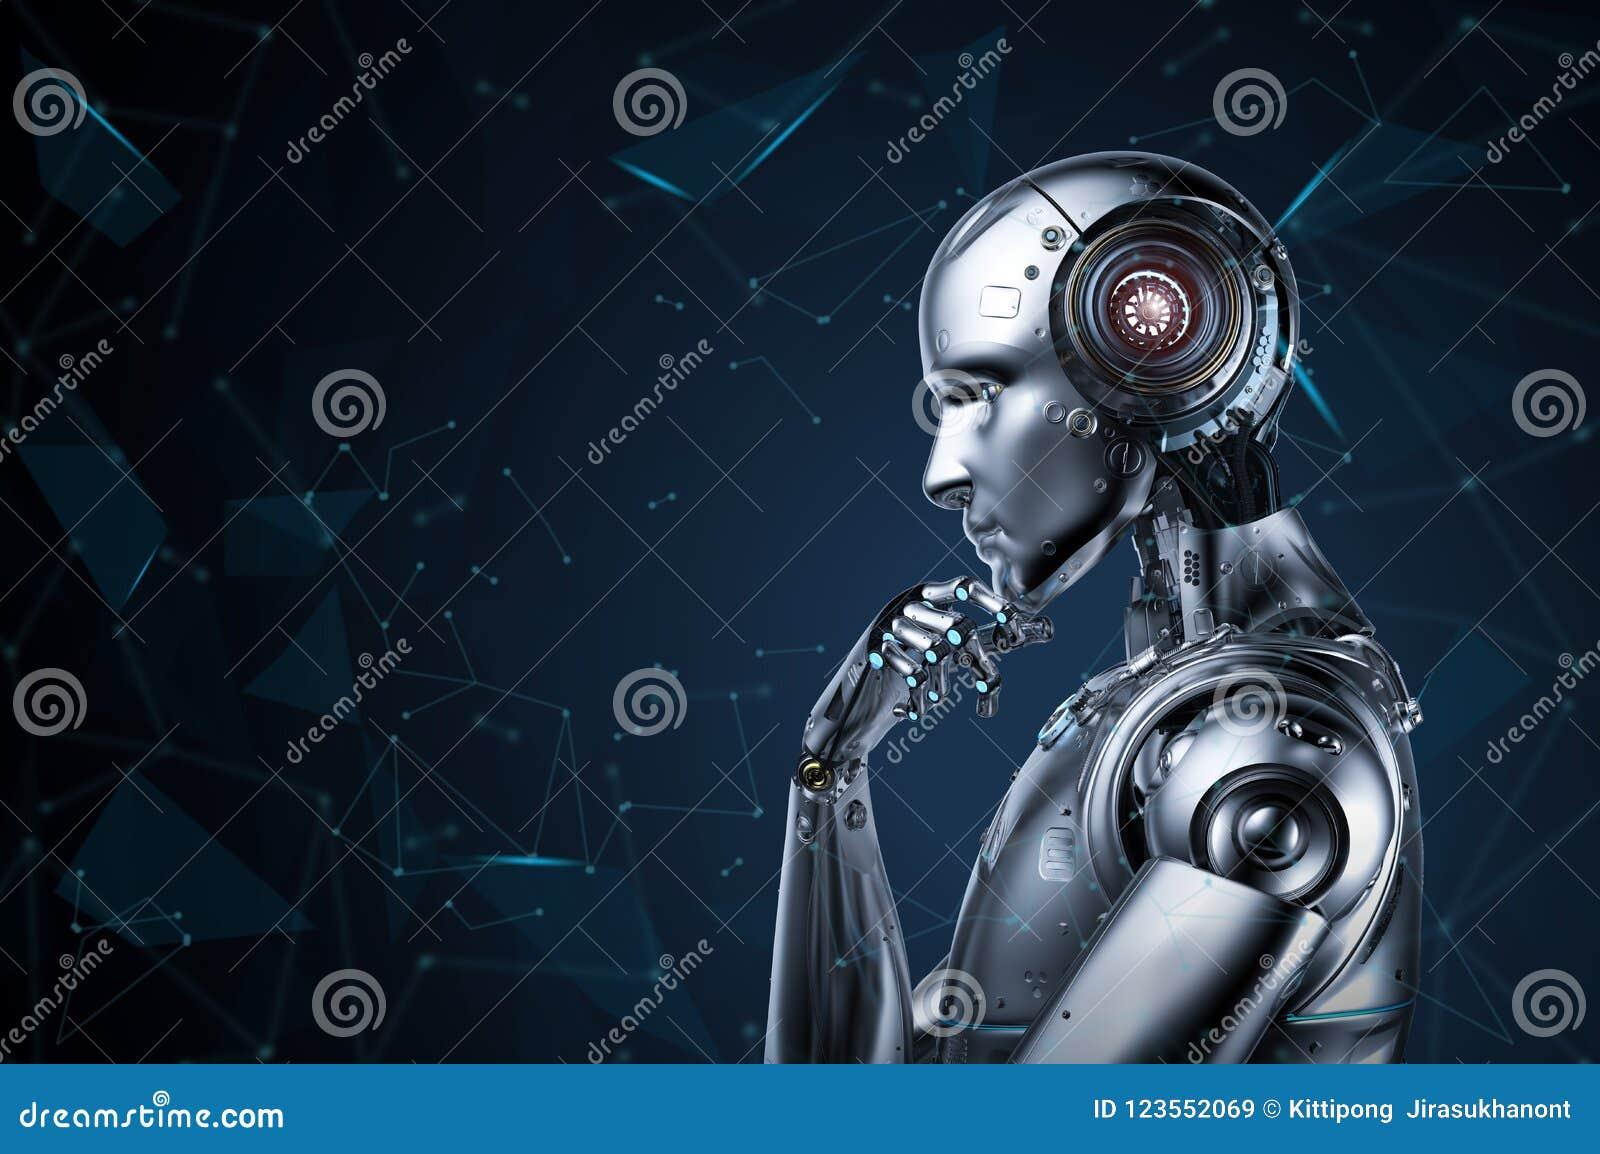 Ai机器人认为